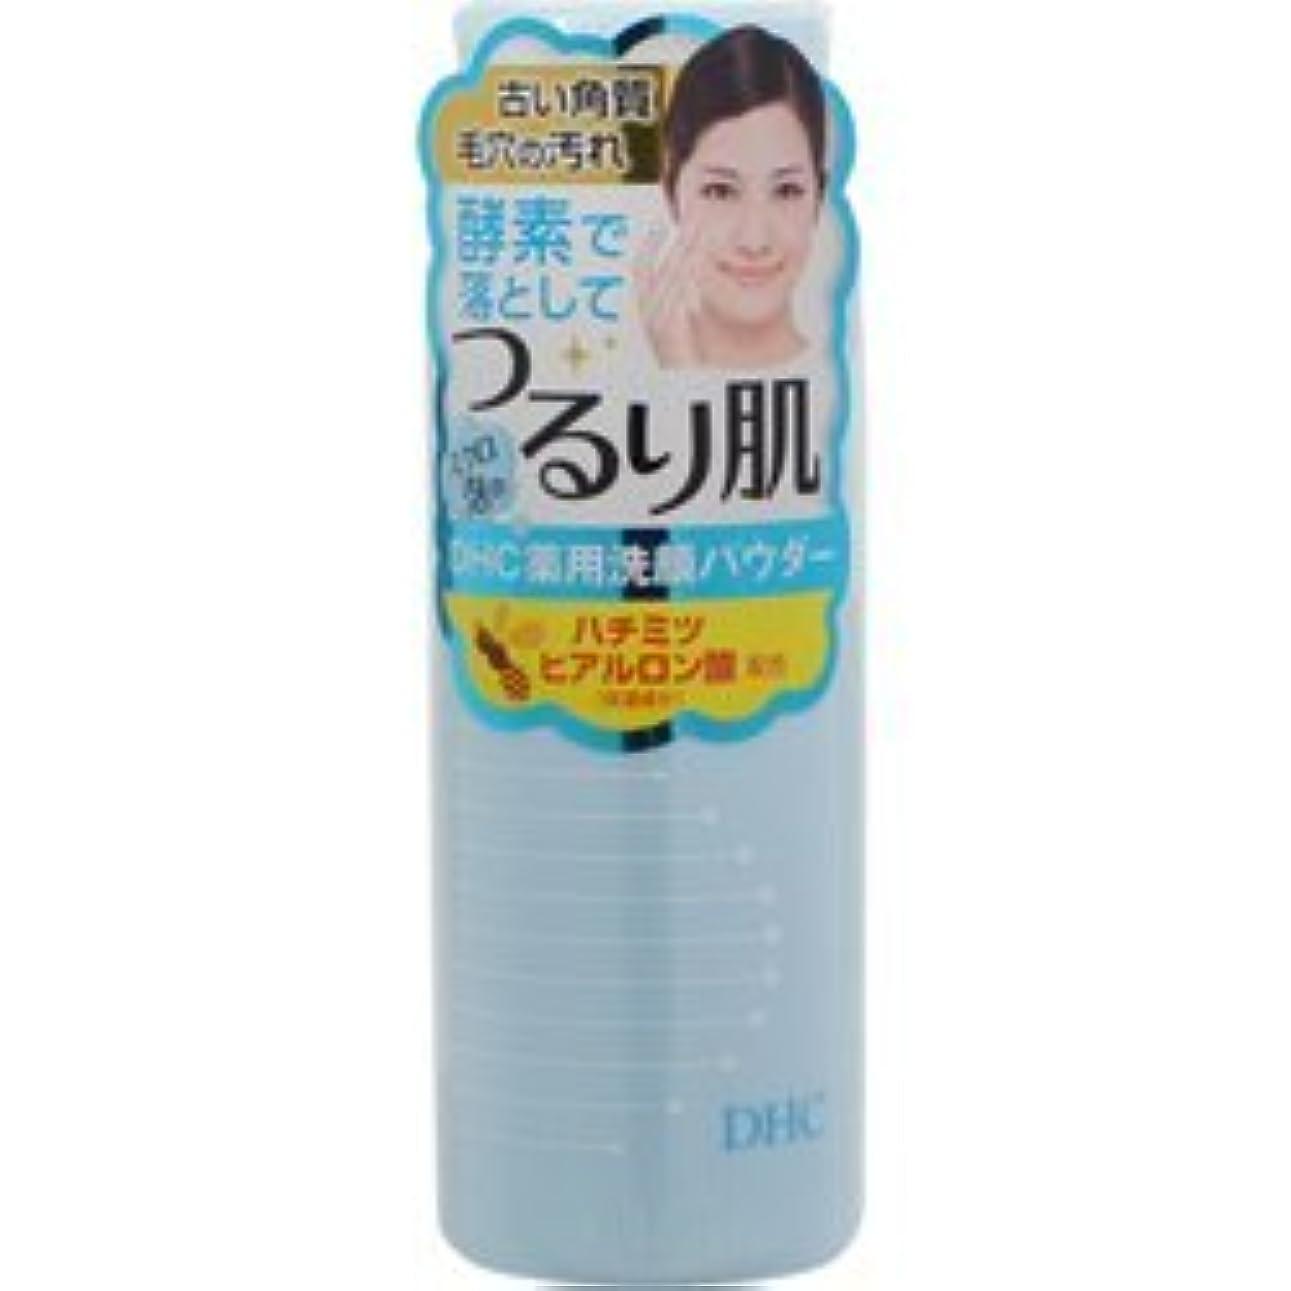 環境に優しい所有者鉛【DHC】薬用洗顔パウダーSS 50g ×5個セット